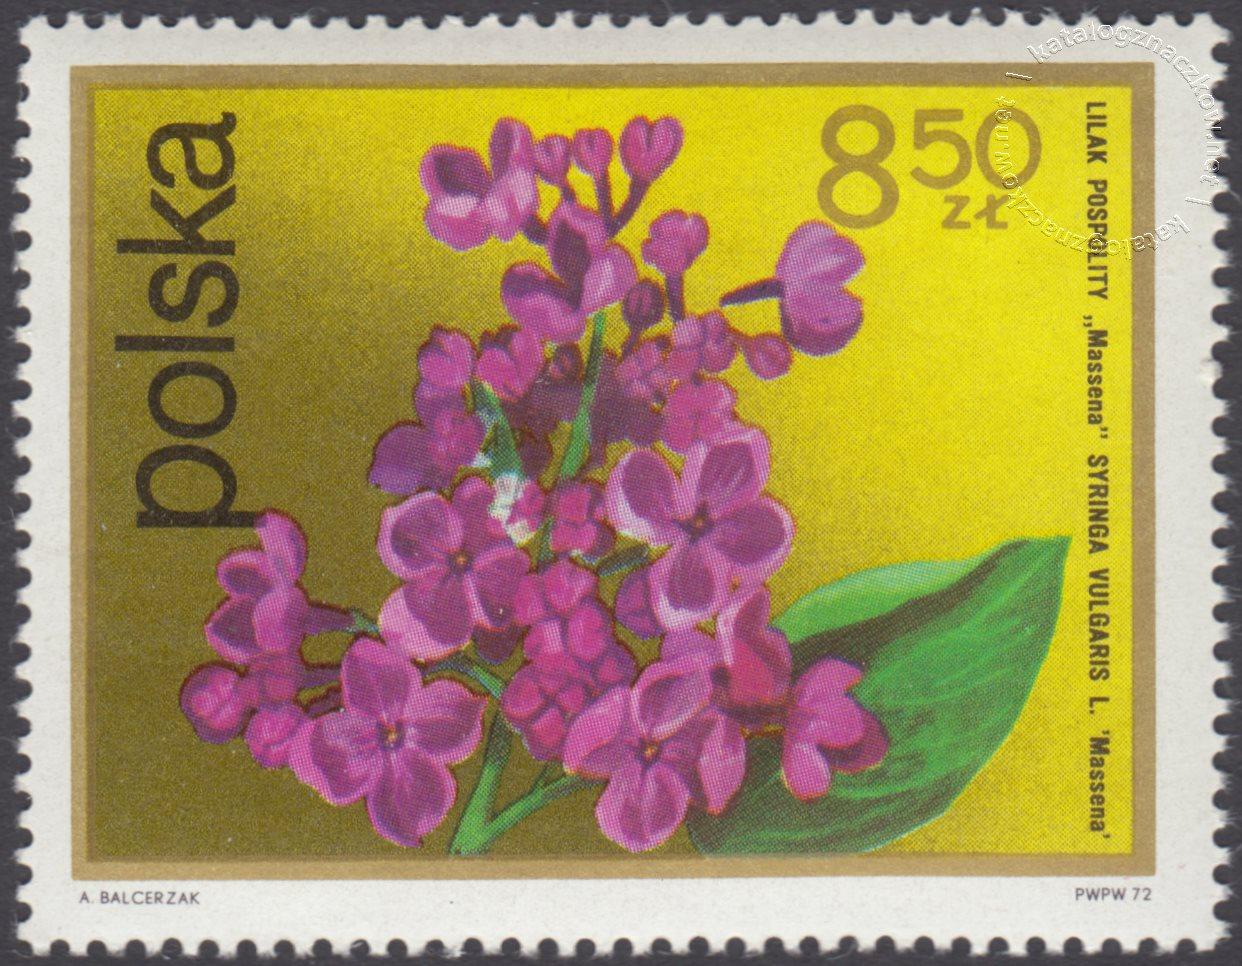 Kwiaty krzewów znaczek nr 2074